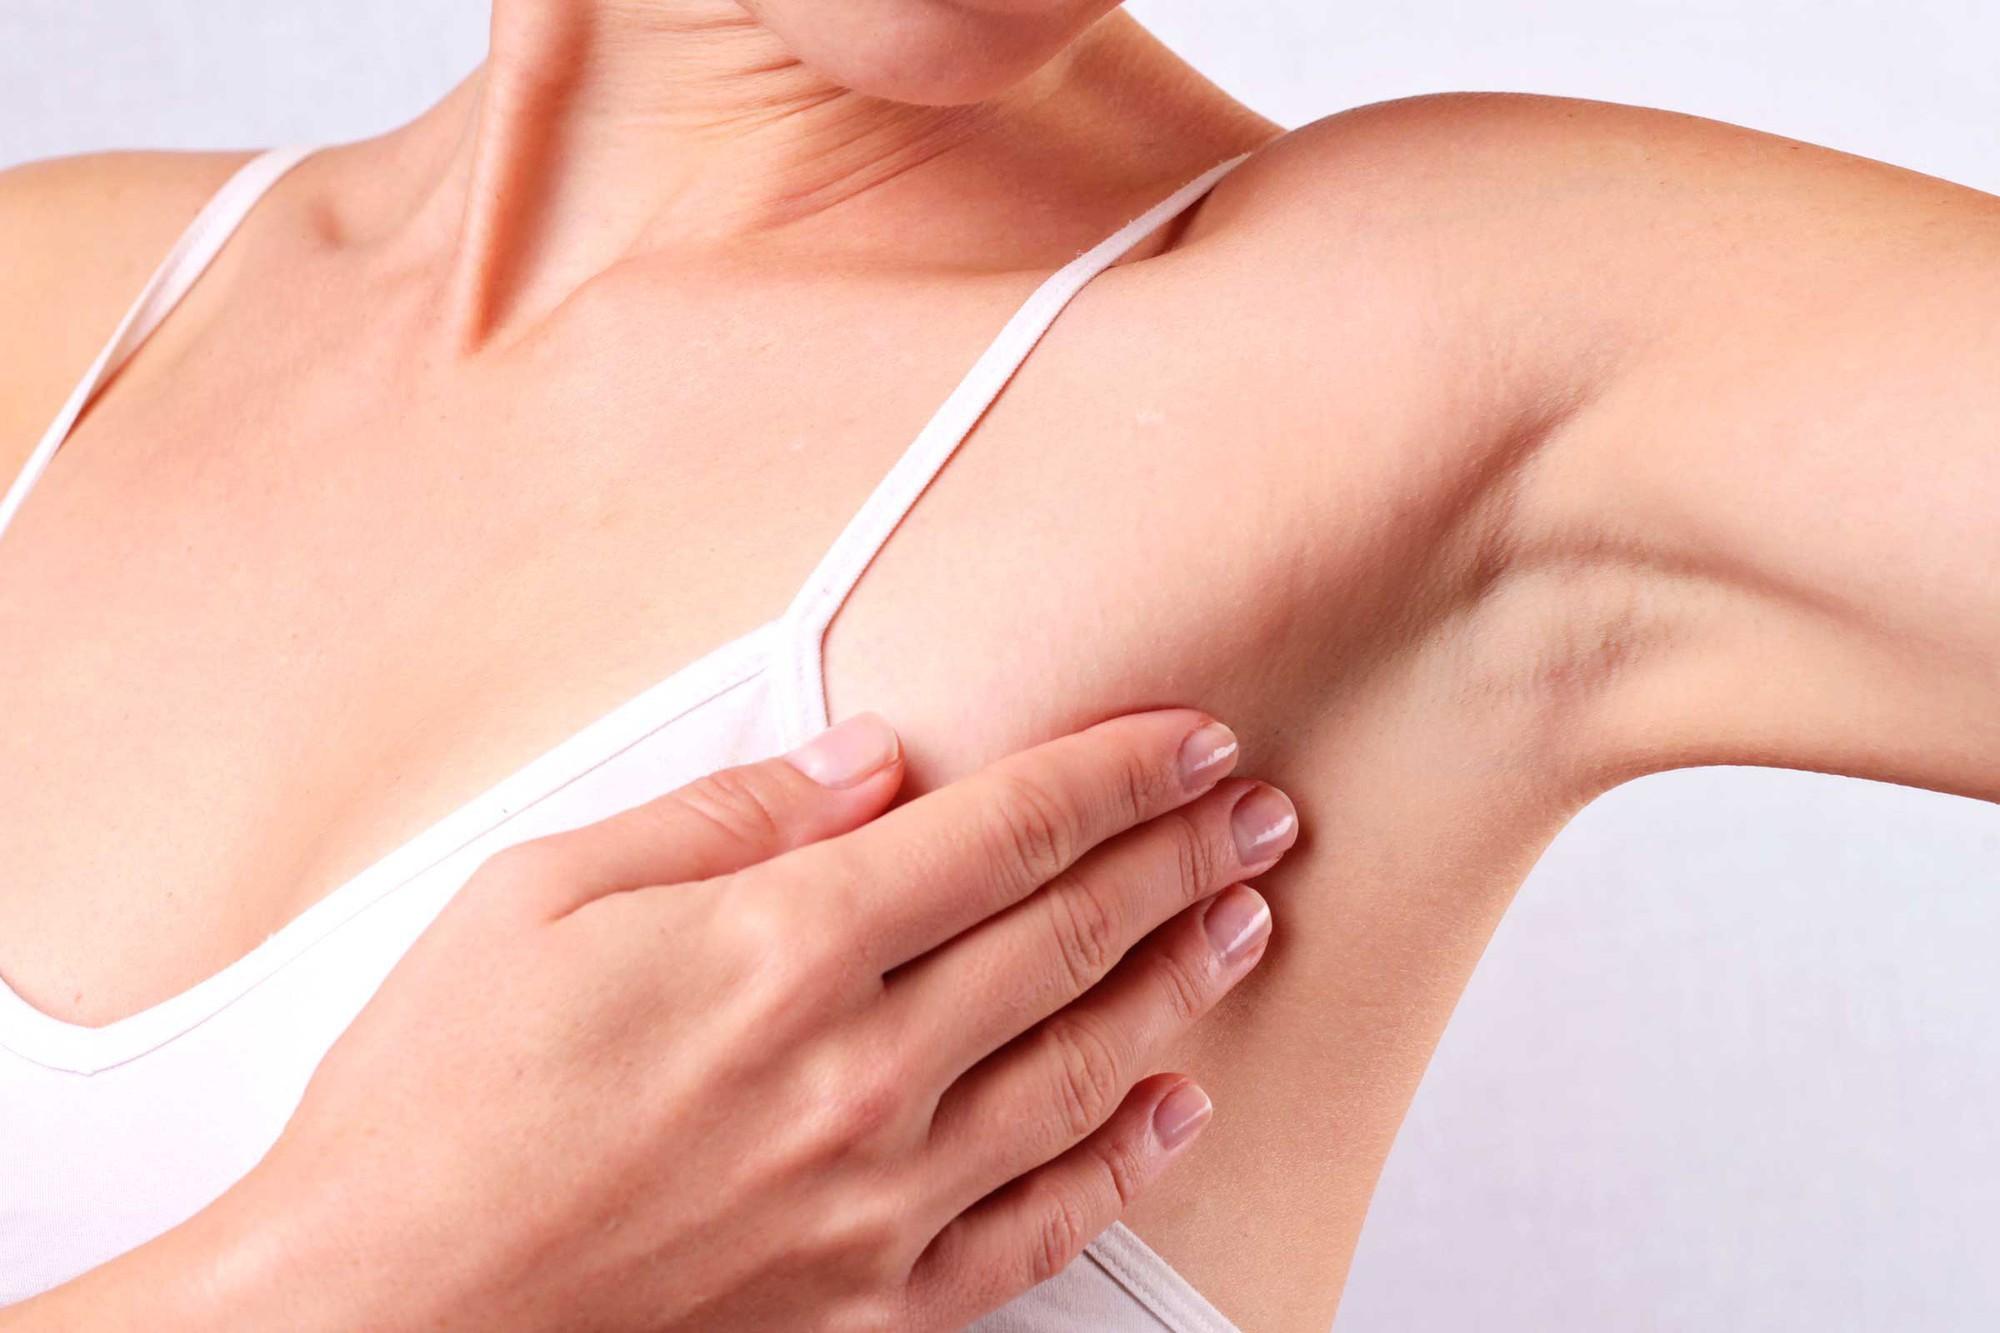 Tại sao người mẹ bị ung thư vú giai đoạn cuối phải mổ đẻ ở tư thế ngồi? - Ảnh 3.